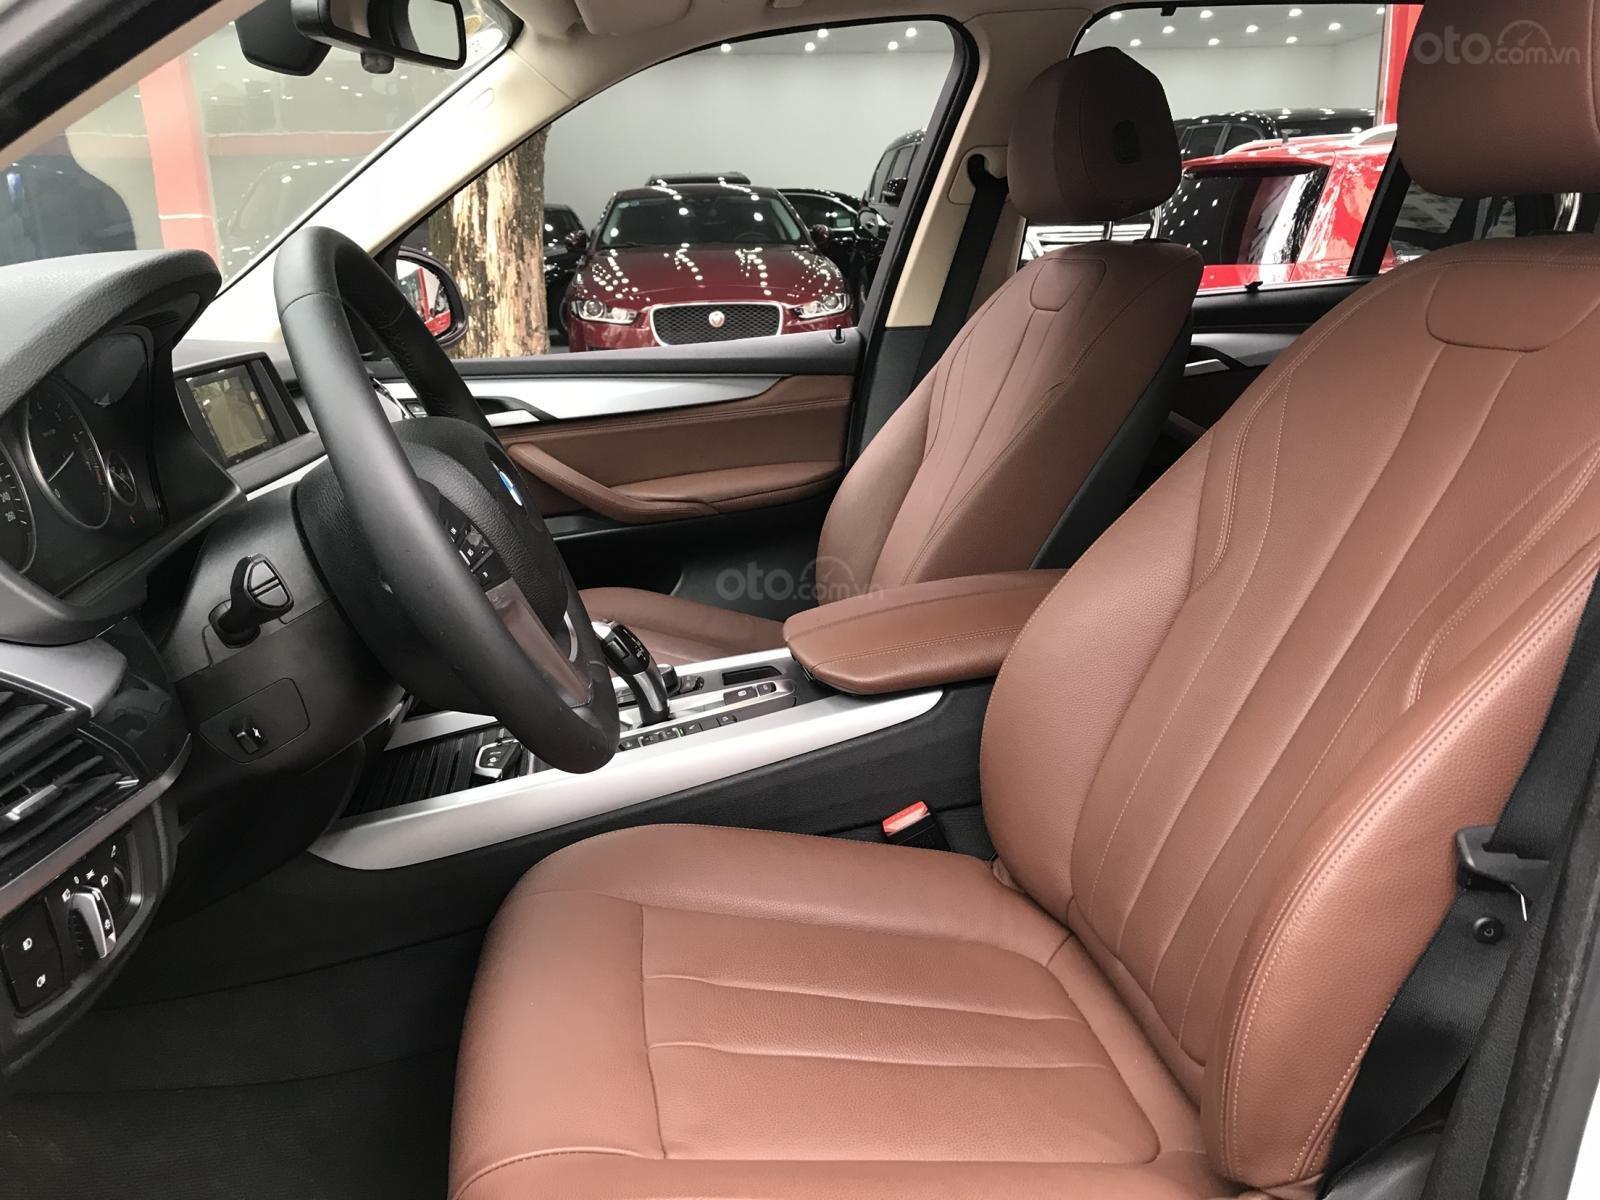 Chính chủ bán xe BMW X5 sản xuất 2016 màu trắng (6)